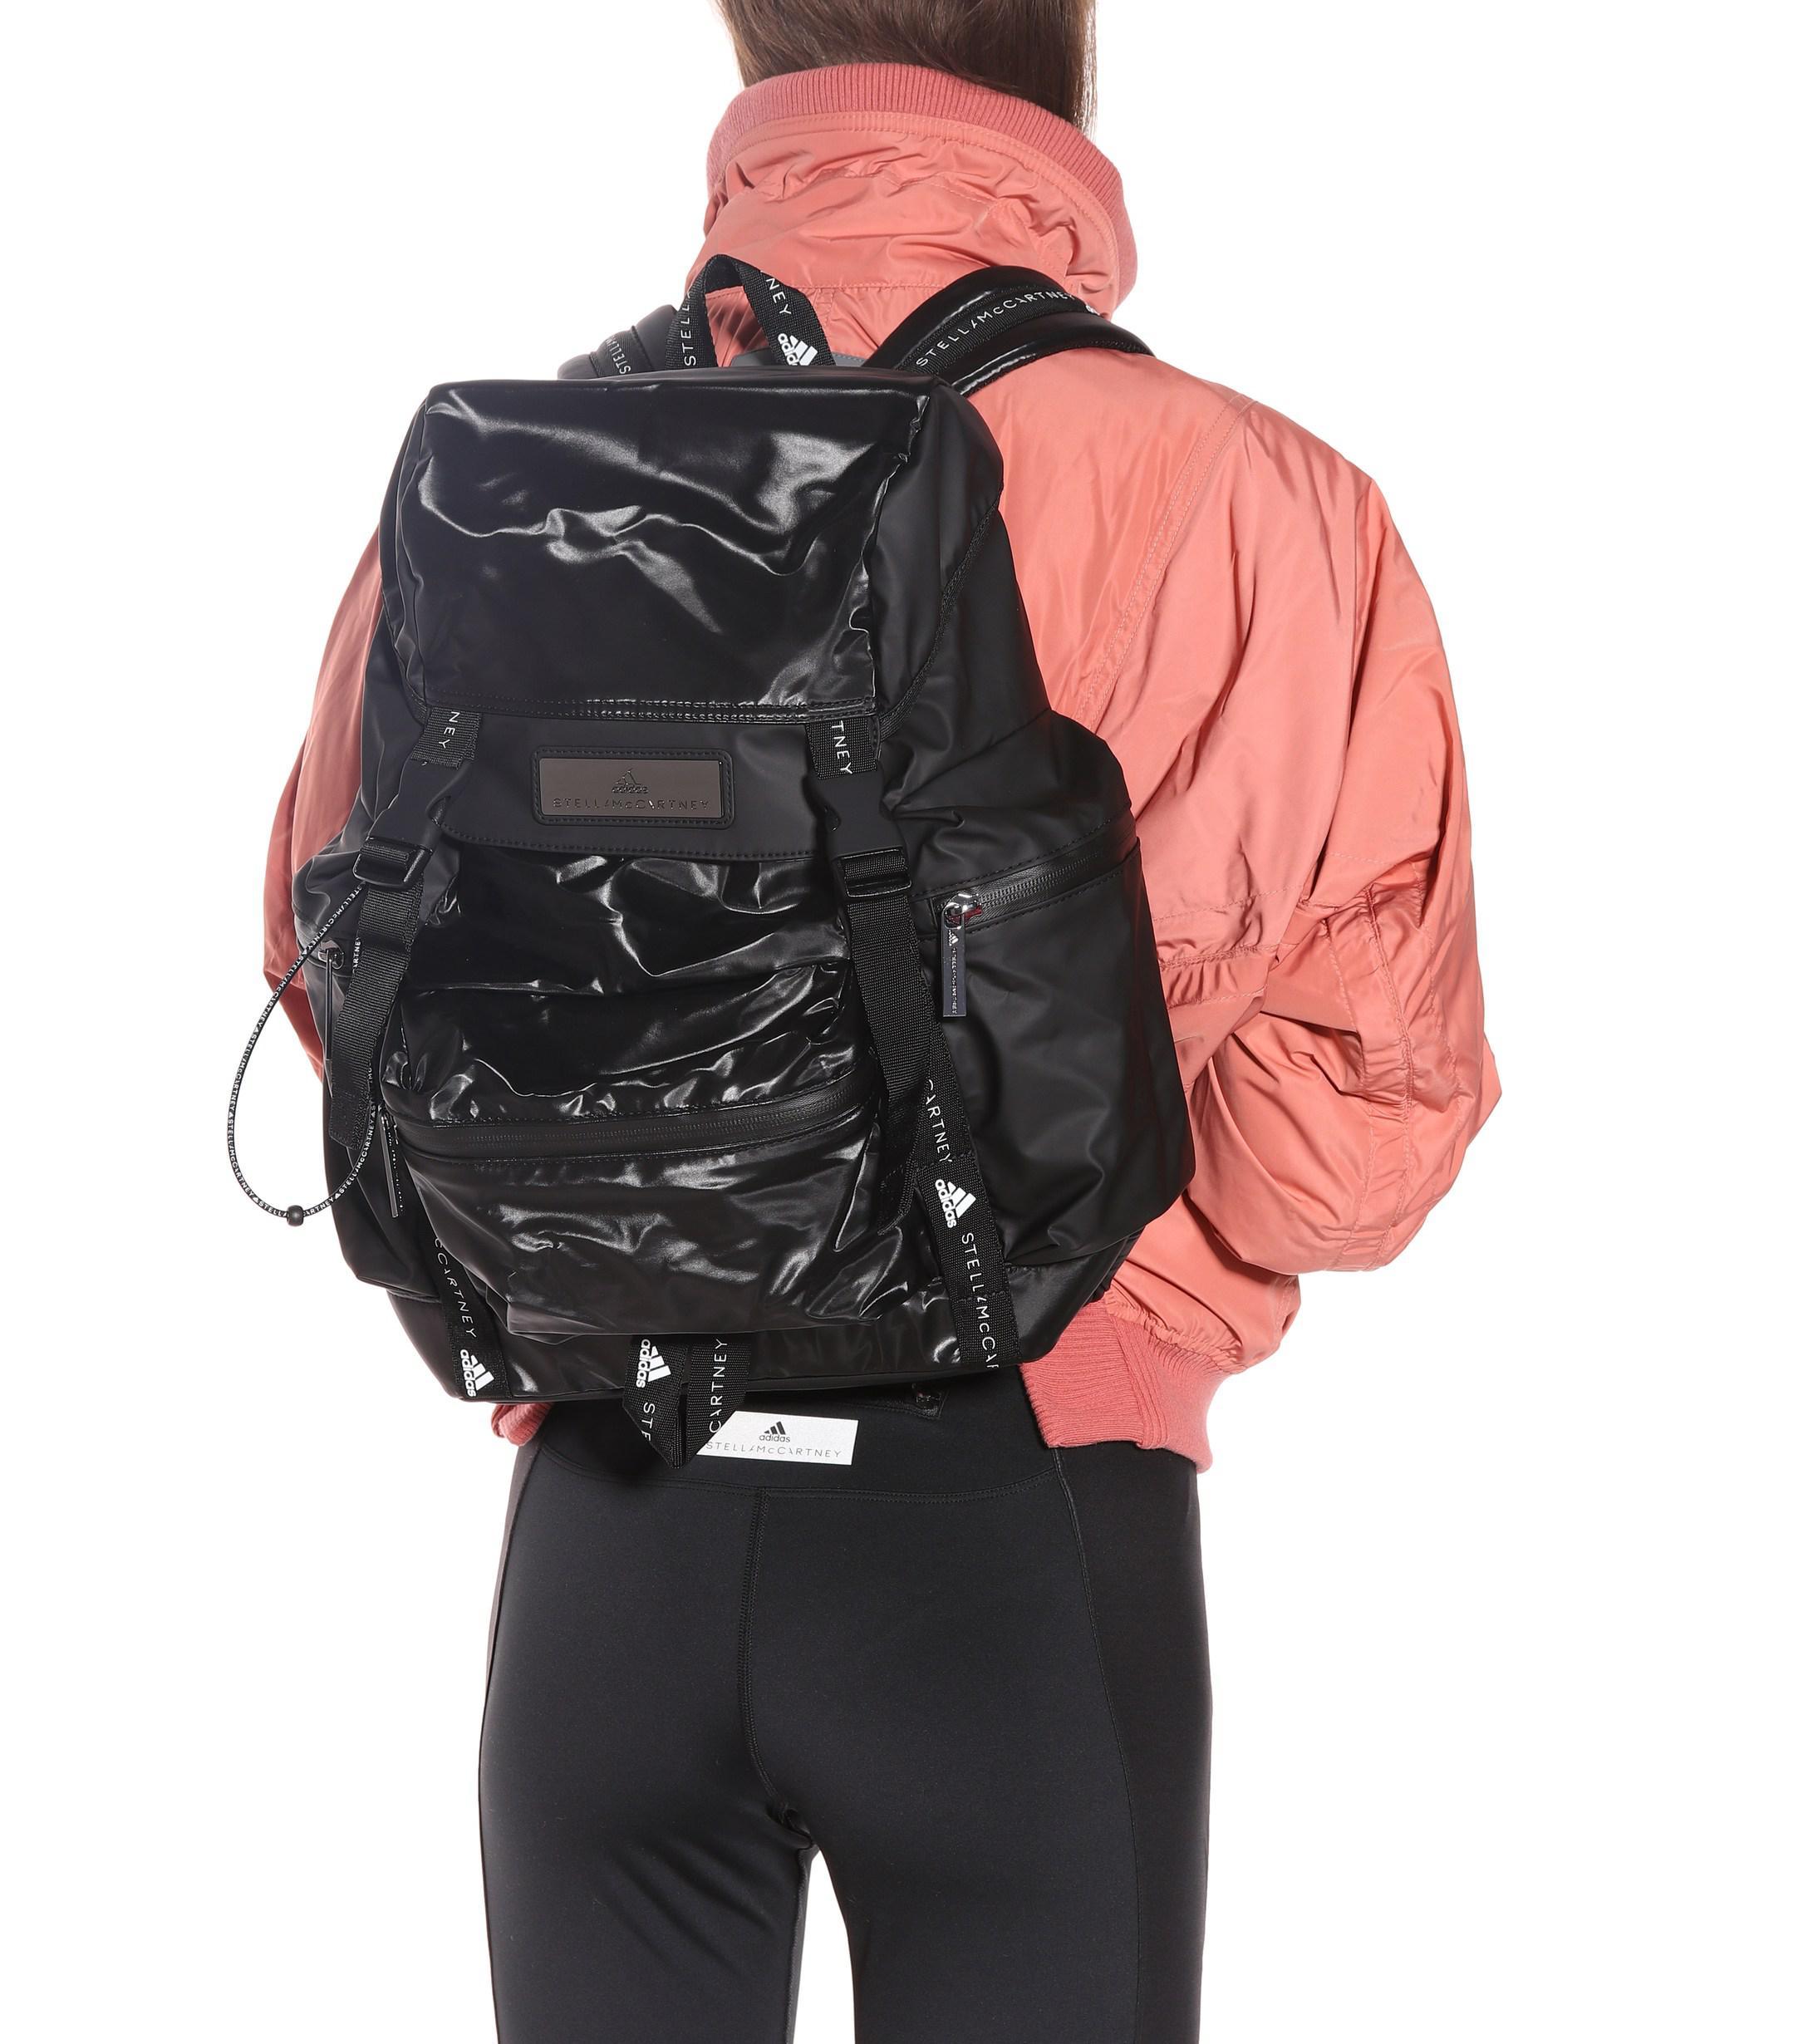 dddc77e12cdc Adidas By Stella McCartney - Black Technical Fabric Backpack - Lyst. View  fullscreen